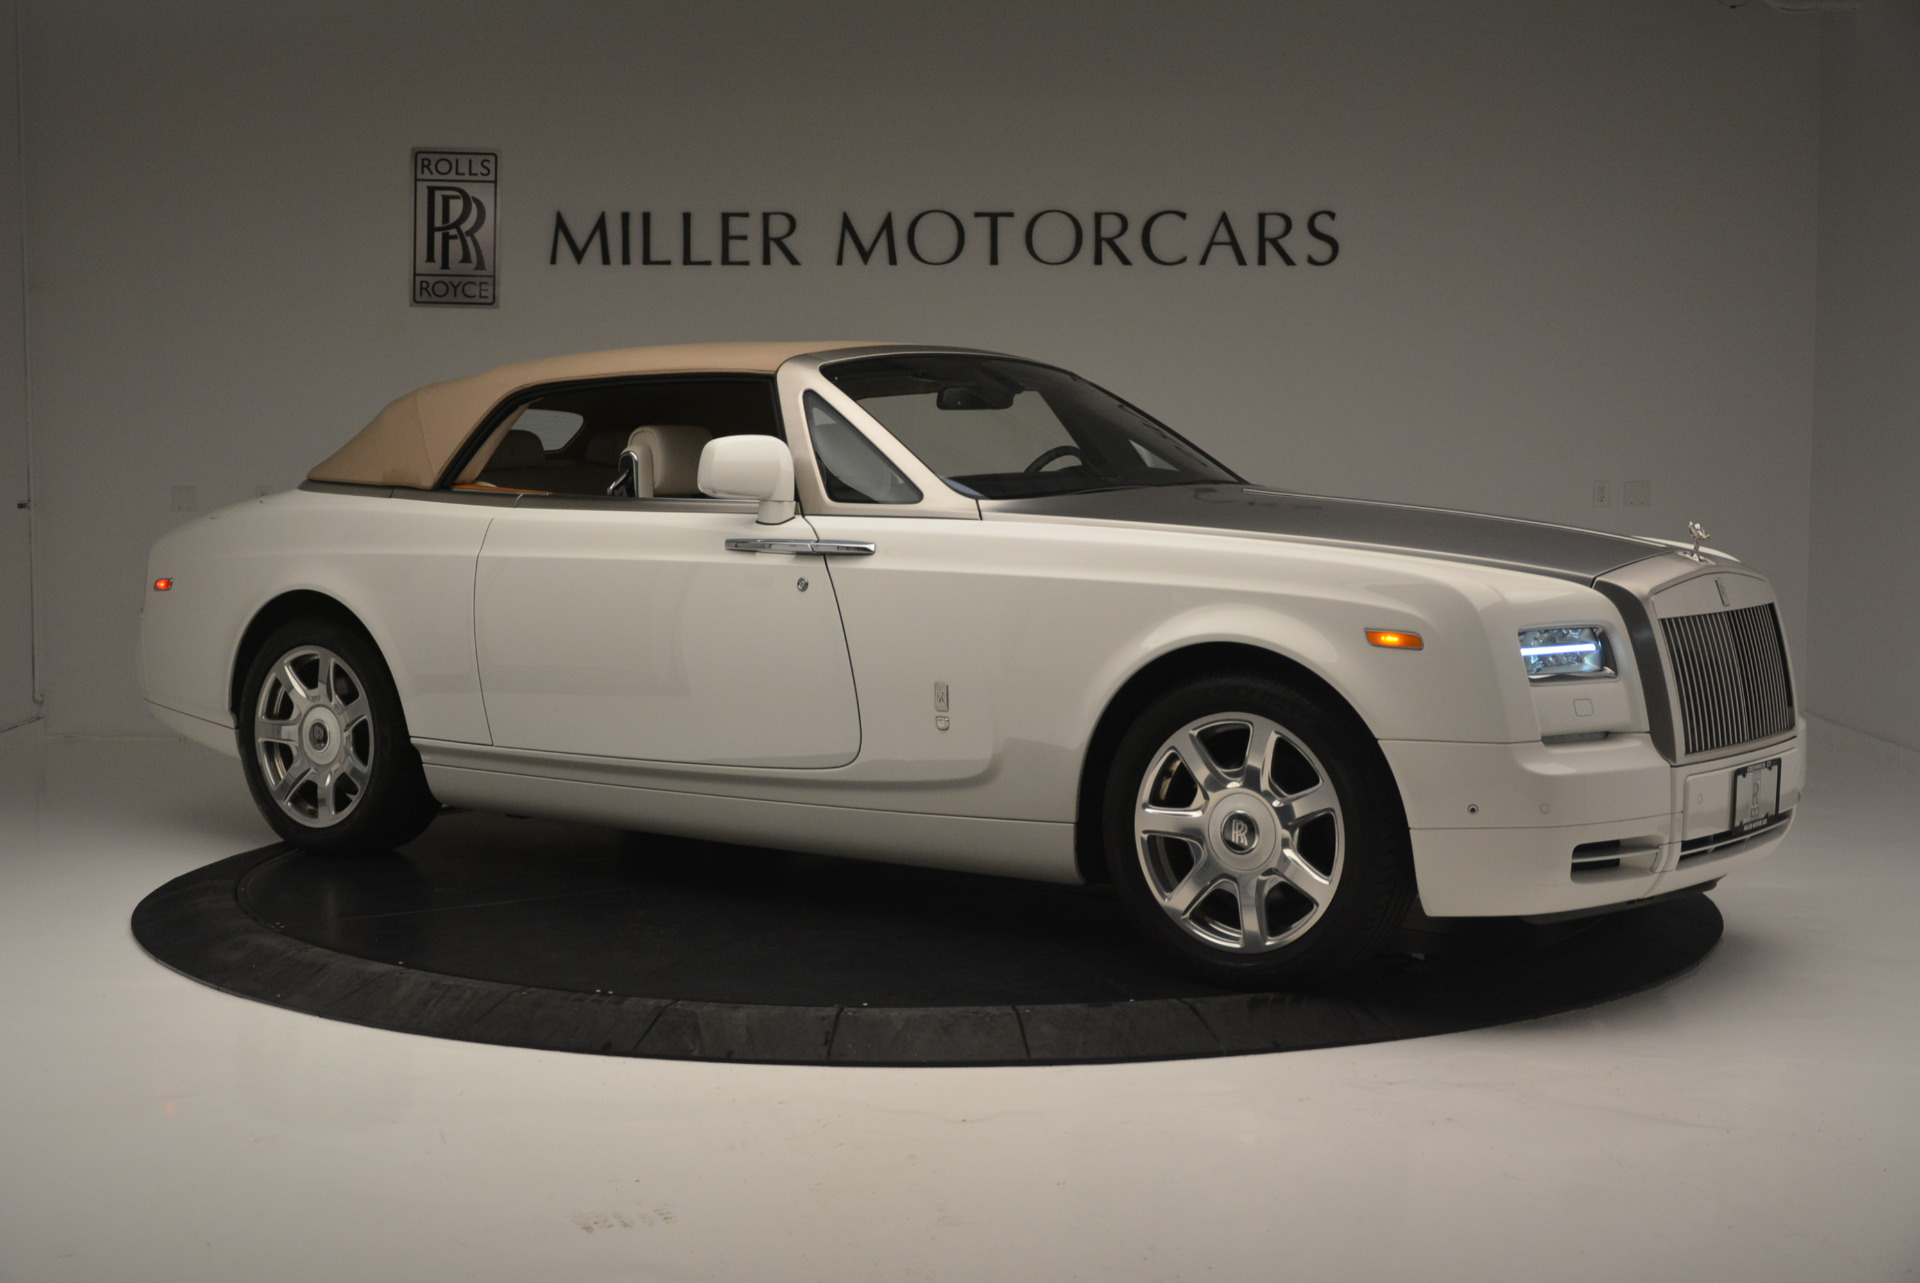 Used 2013 Rolls-Royce Phantom Drophead Coupe  For Sale In Westport, CT 2444_p15